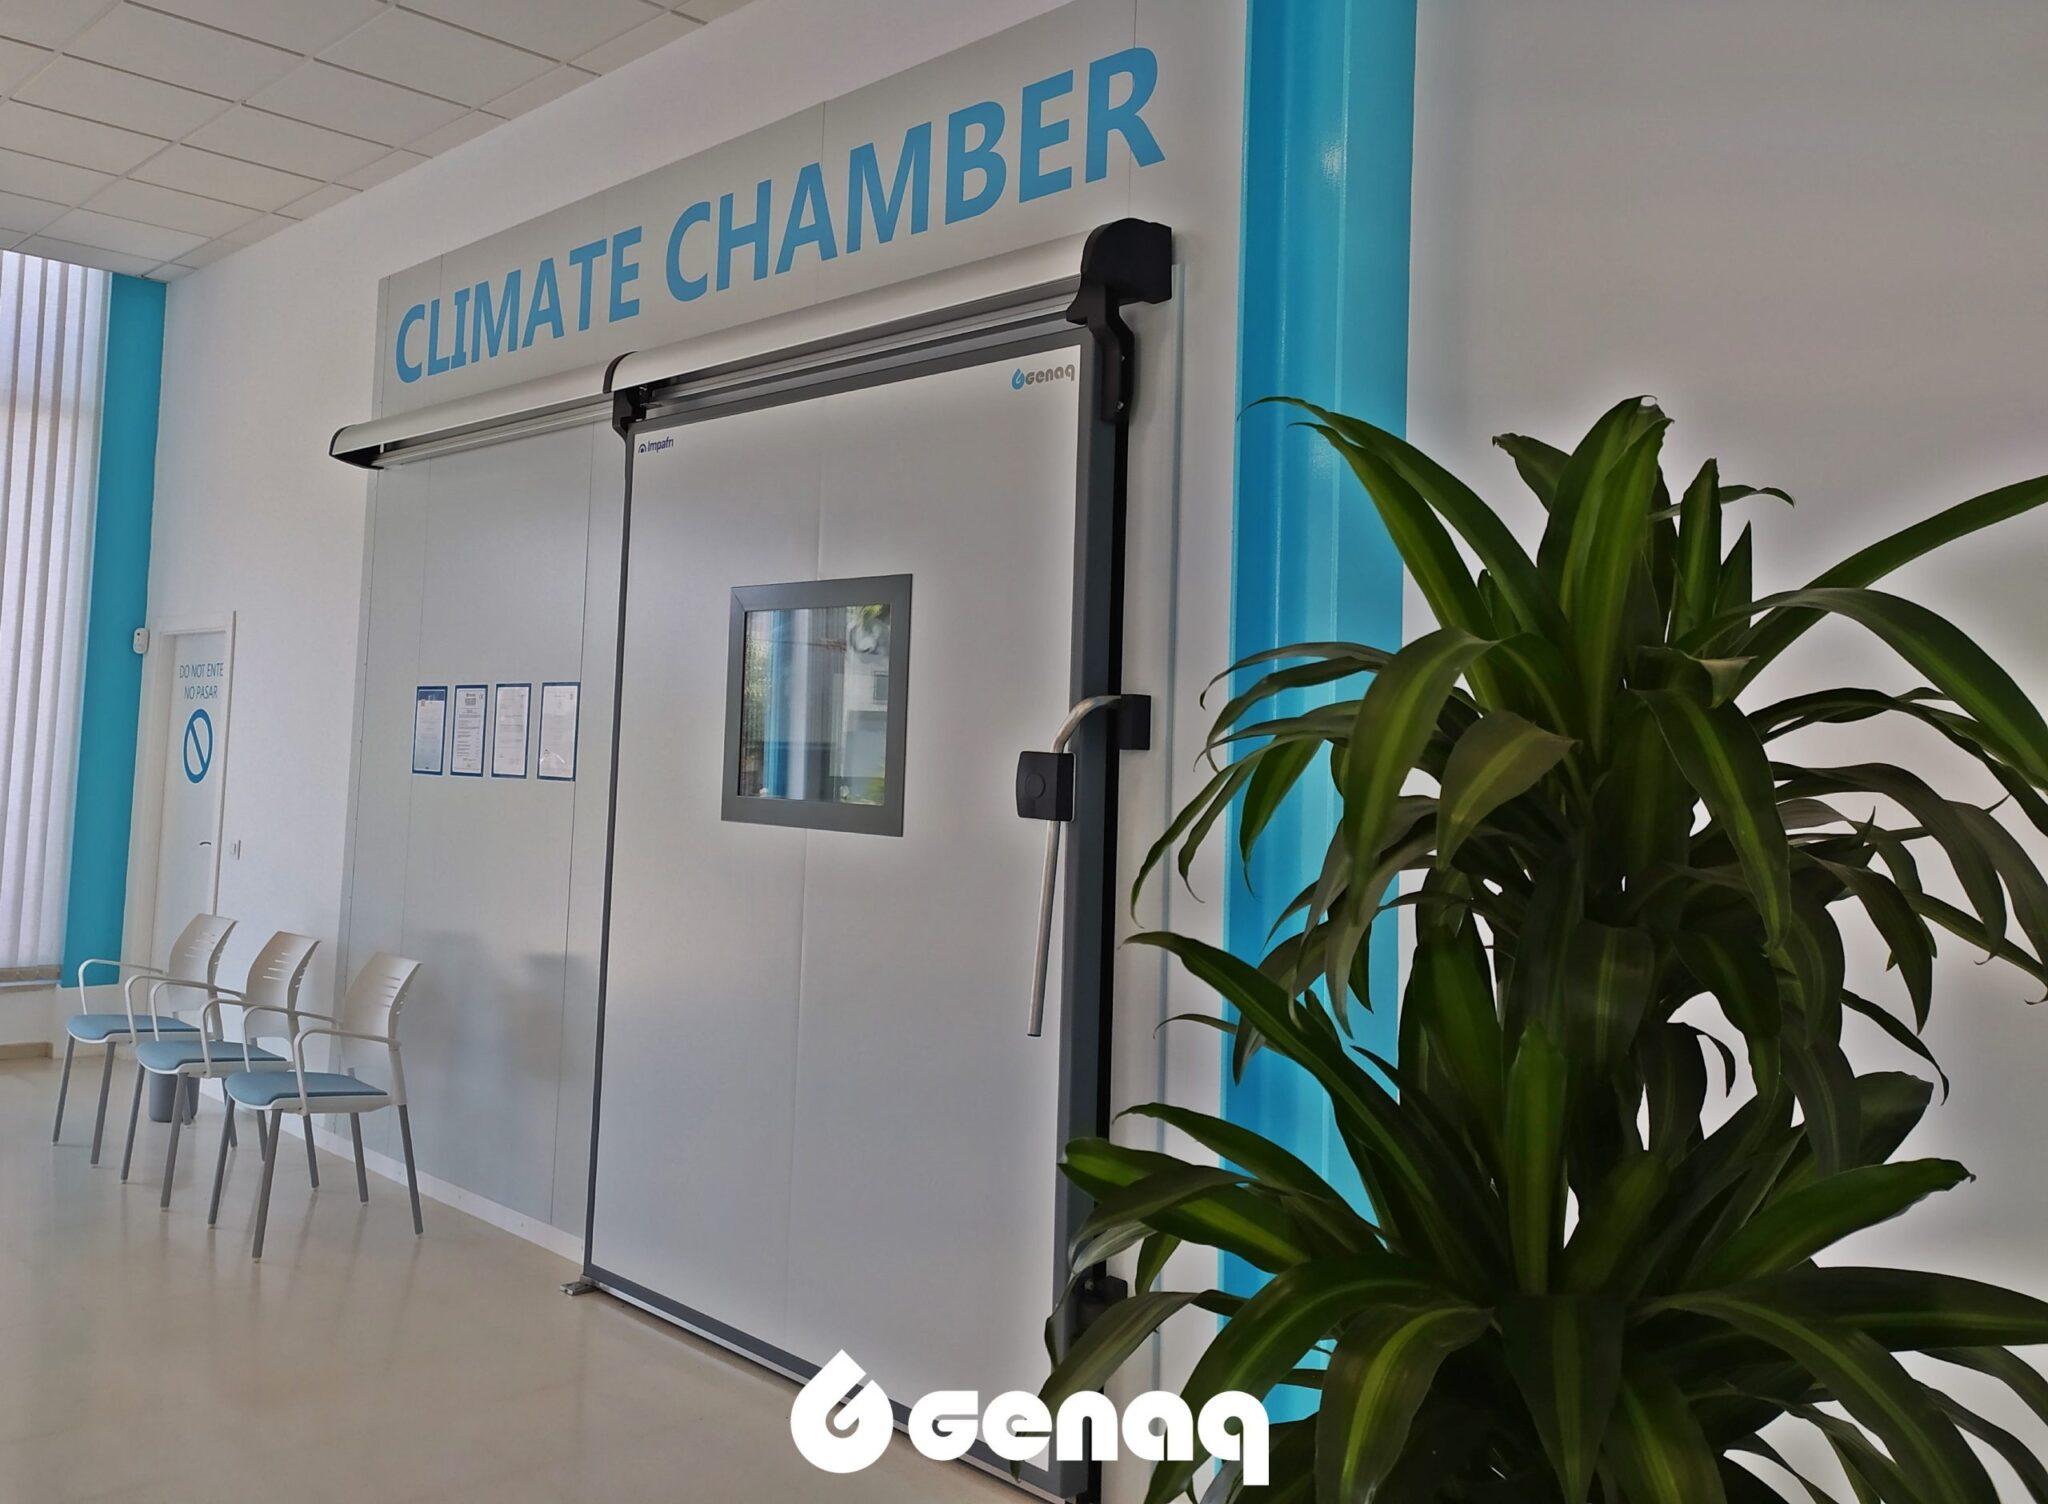 genaq 200702 scaled - El agua de GENAQ: Generación certificada